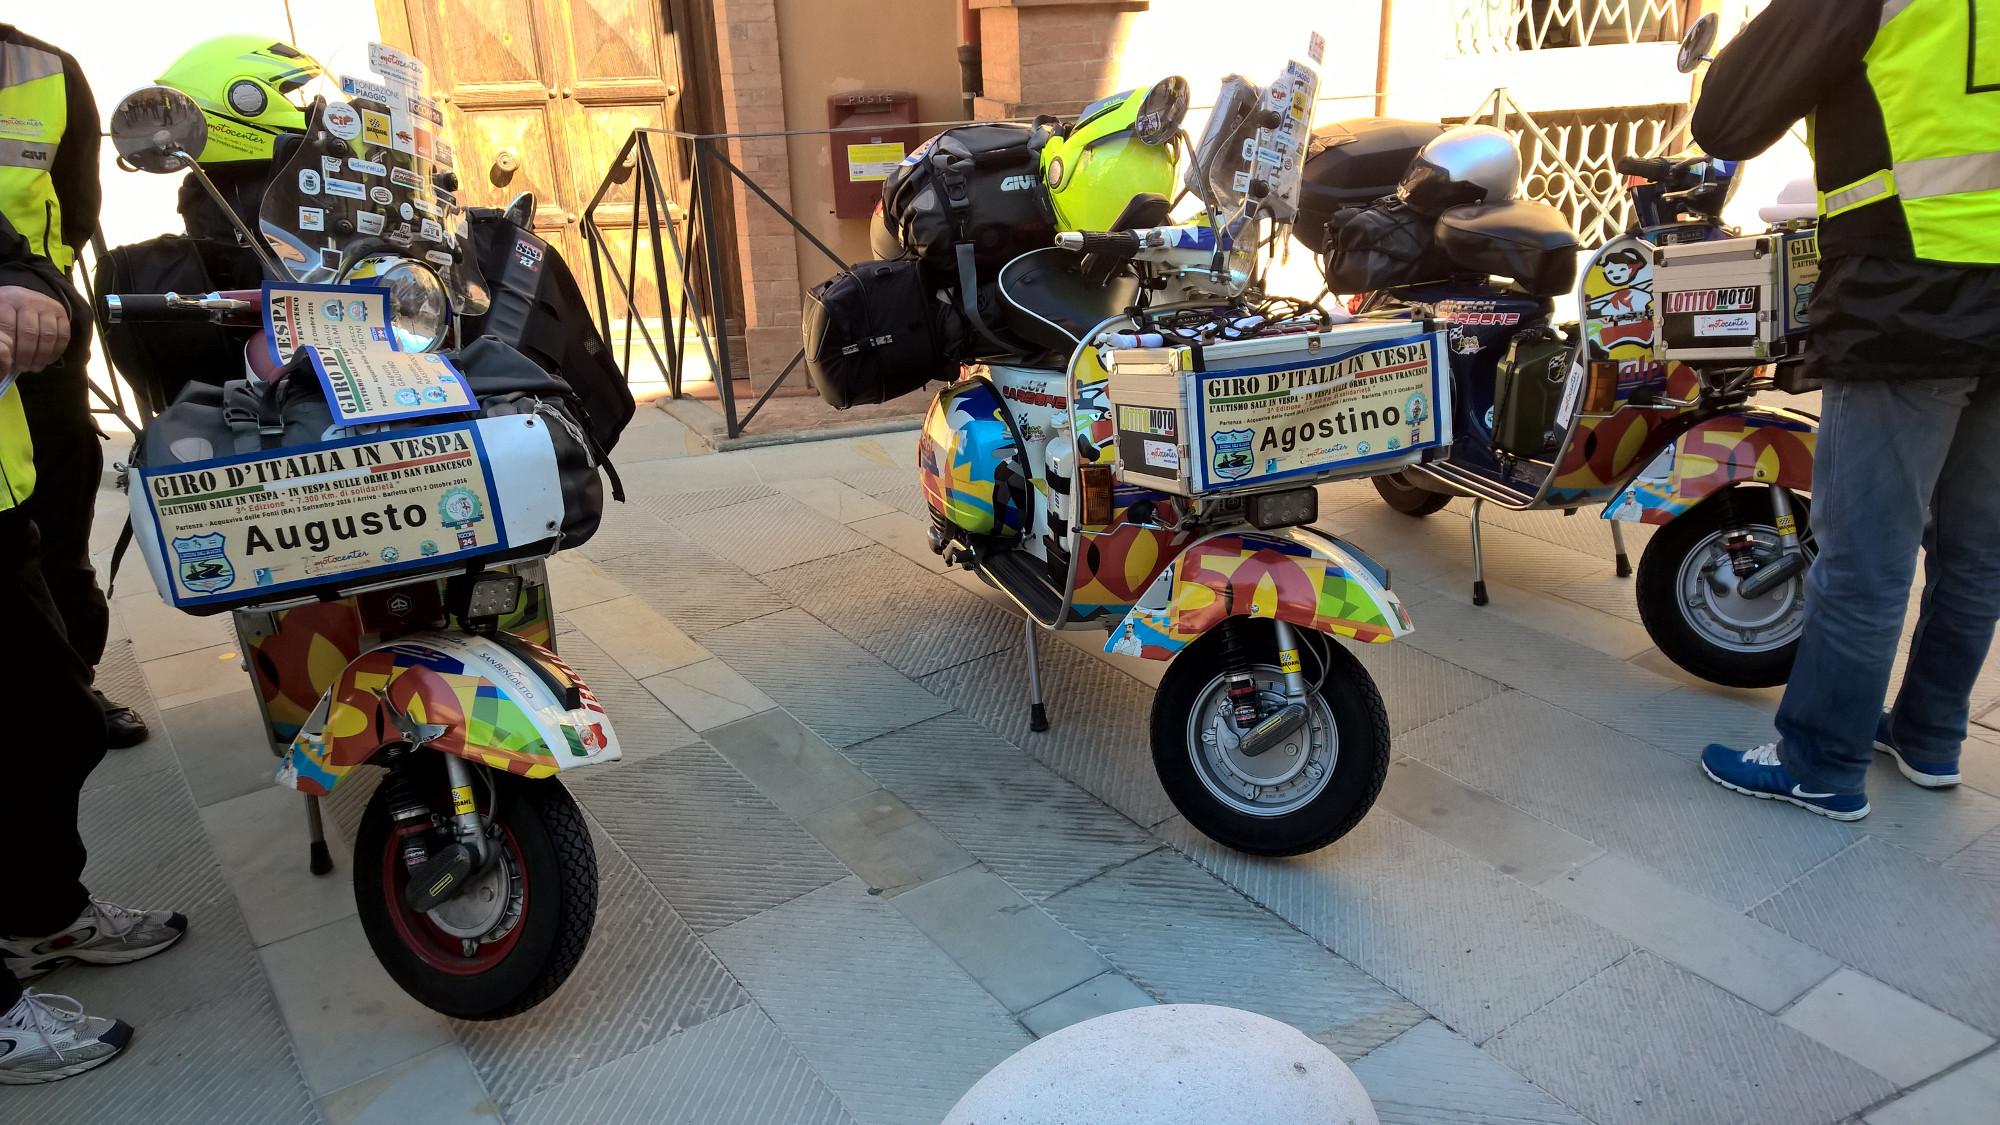 Giro Italia in vespa Marsciano